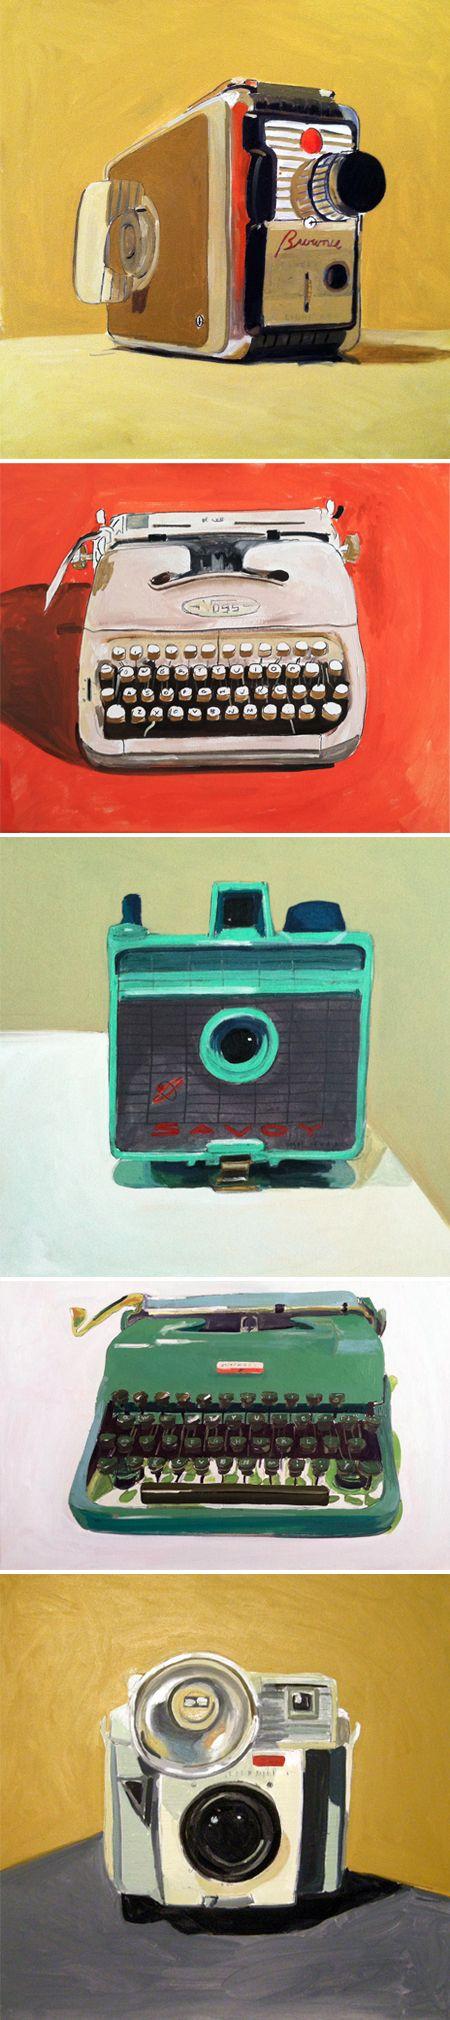 Cameras clássicas na ilustração de Jessica Brilli #cameras #illustration